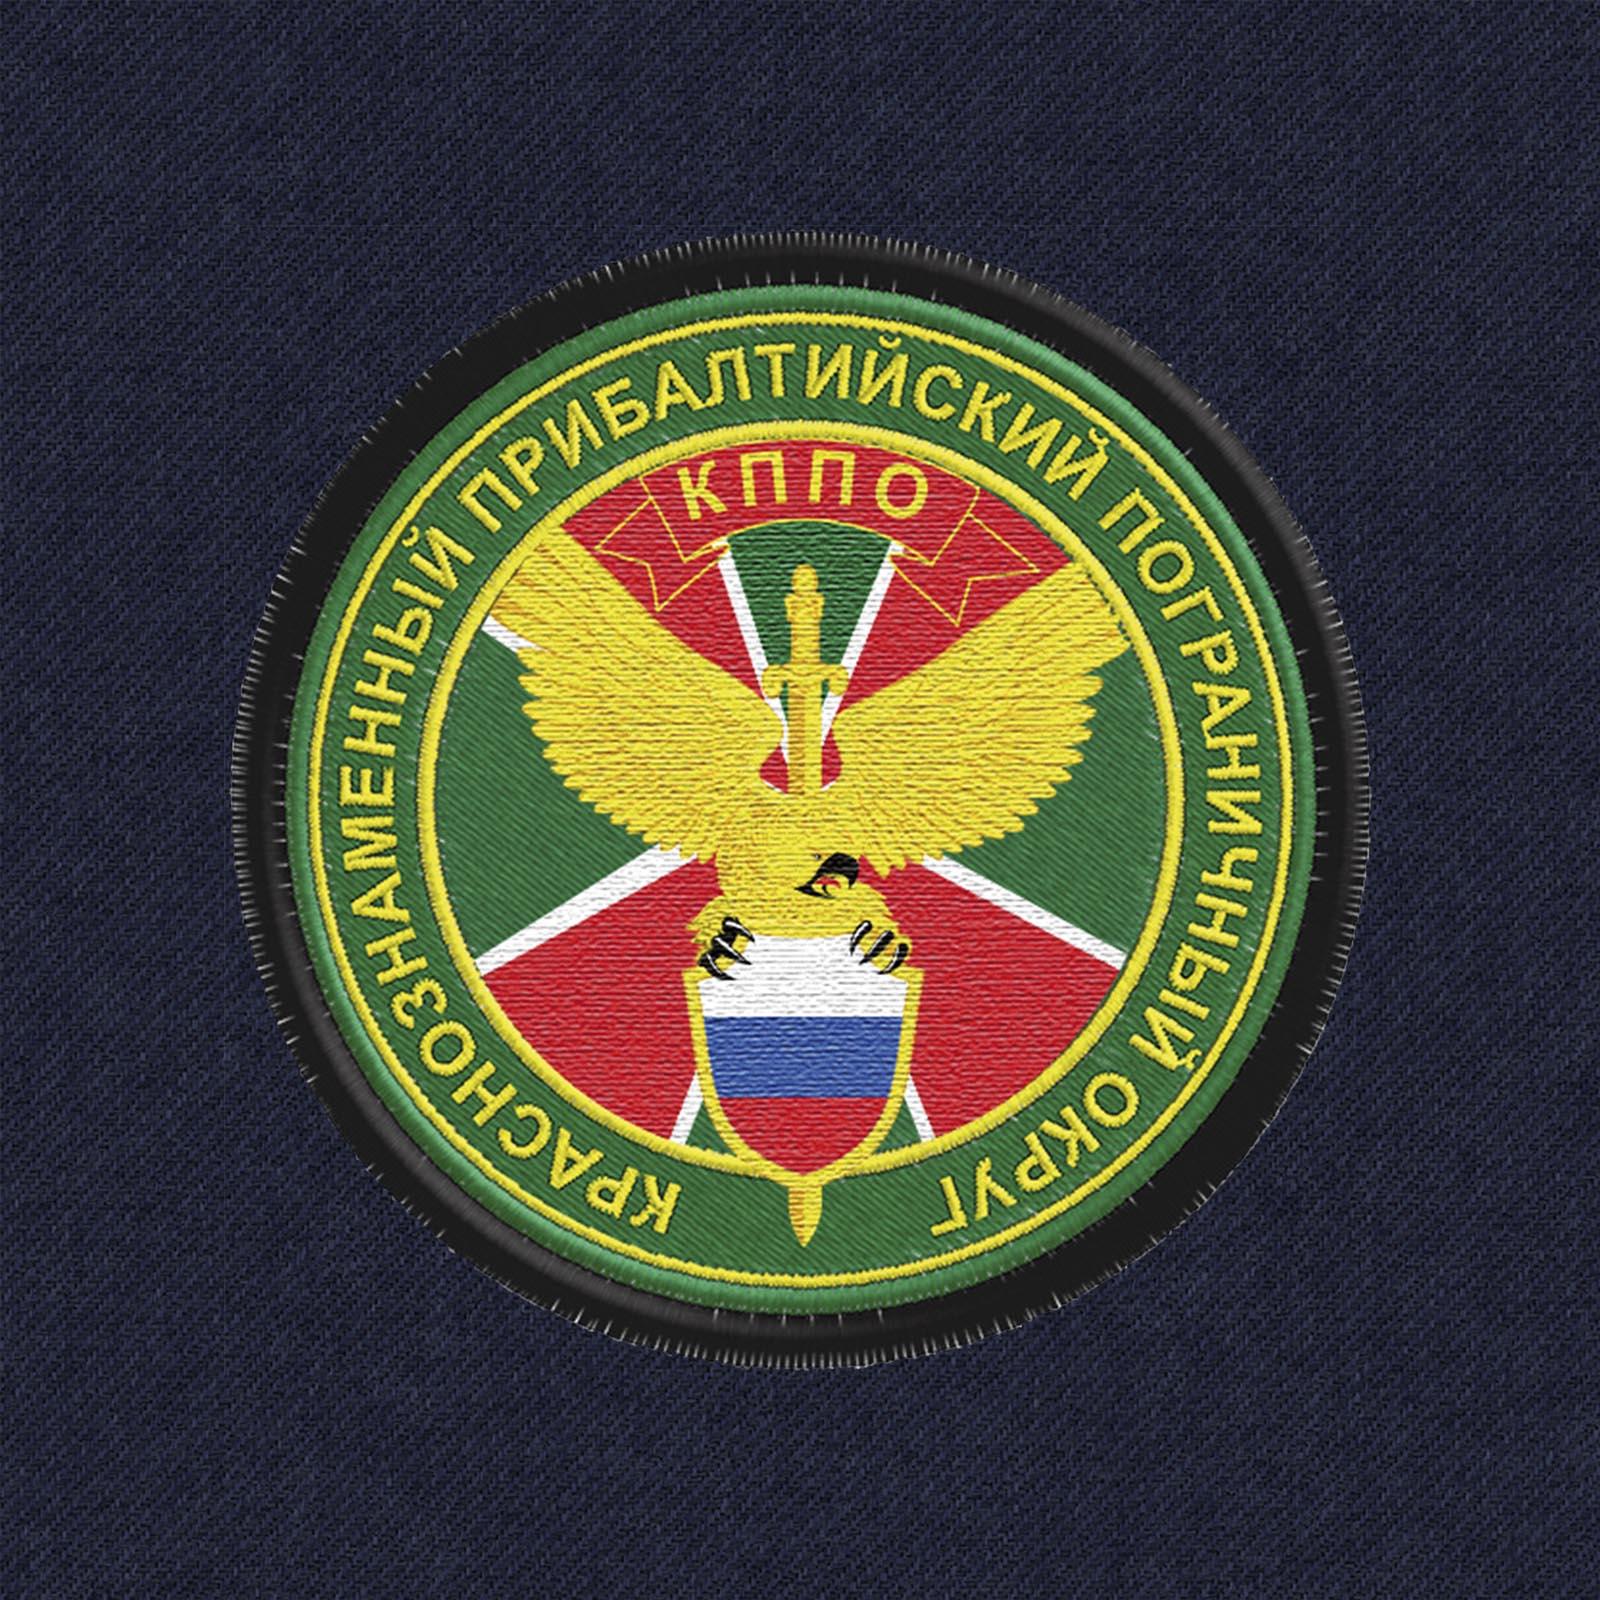 Бейсболка КППО – Краснознаменный Прибалтийский пограничный округ.